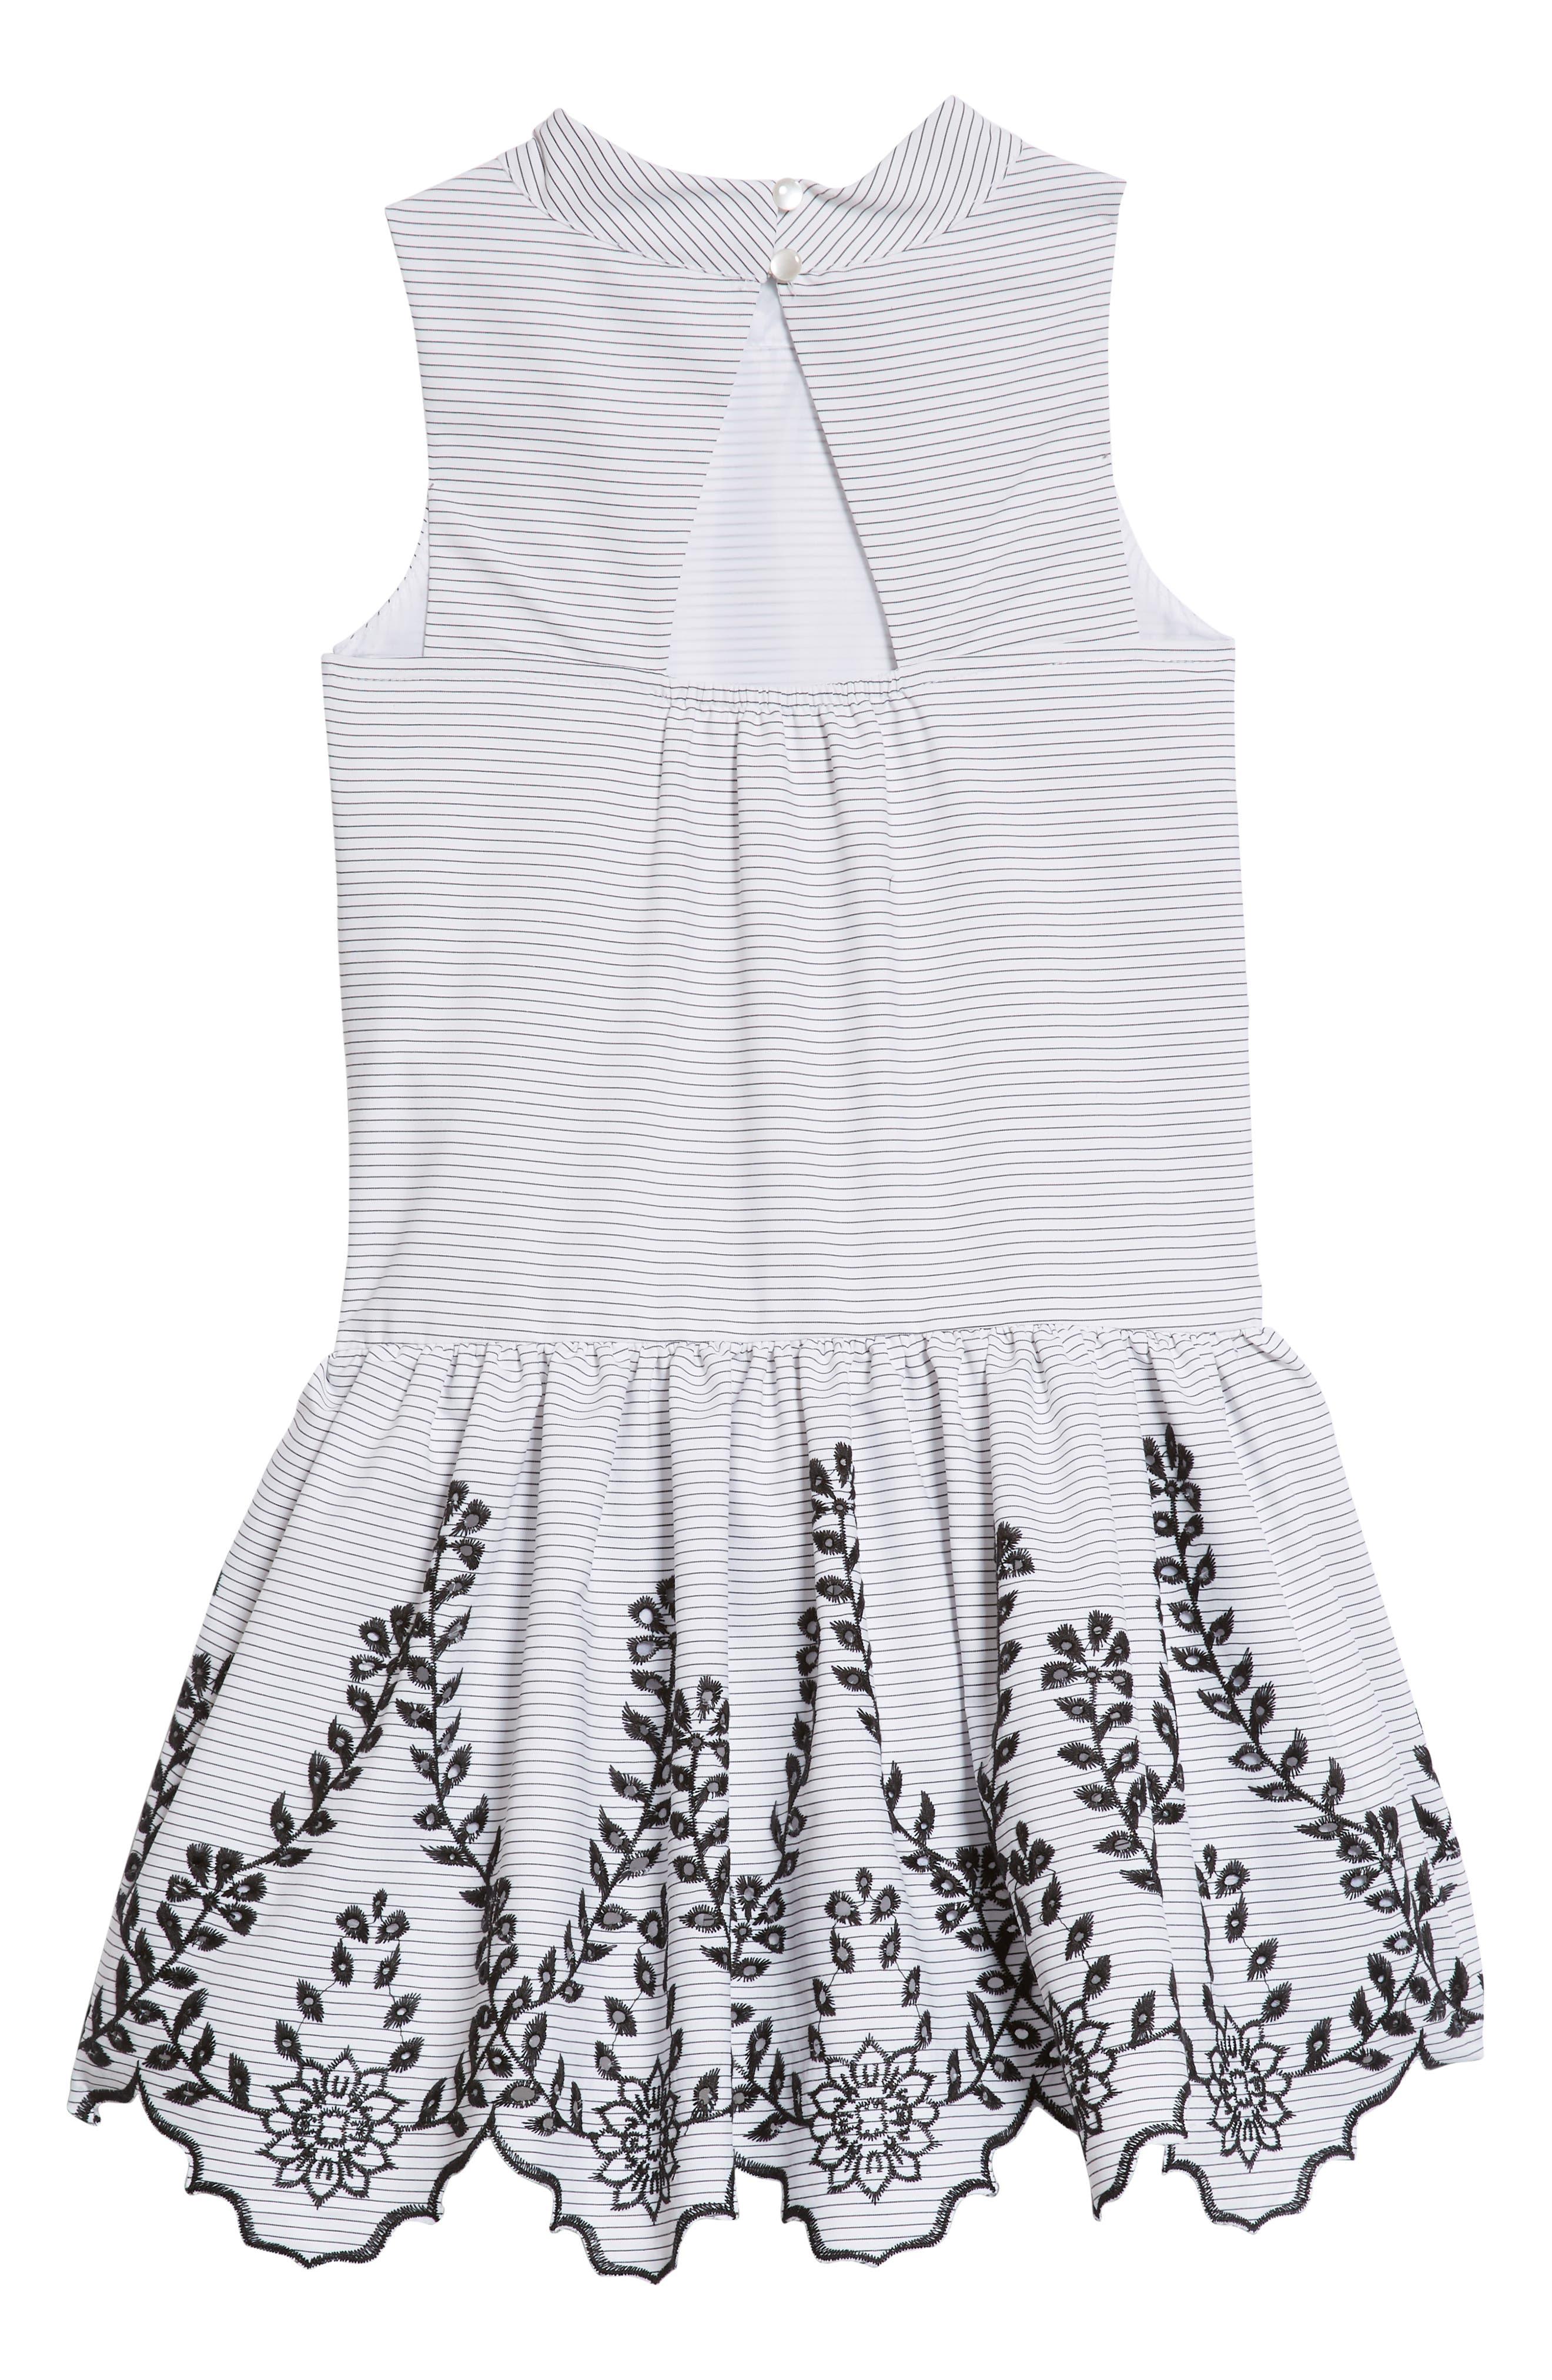 Drop Waist Party Dress,                             Alternate thumbnail 2, color,                             White